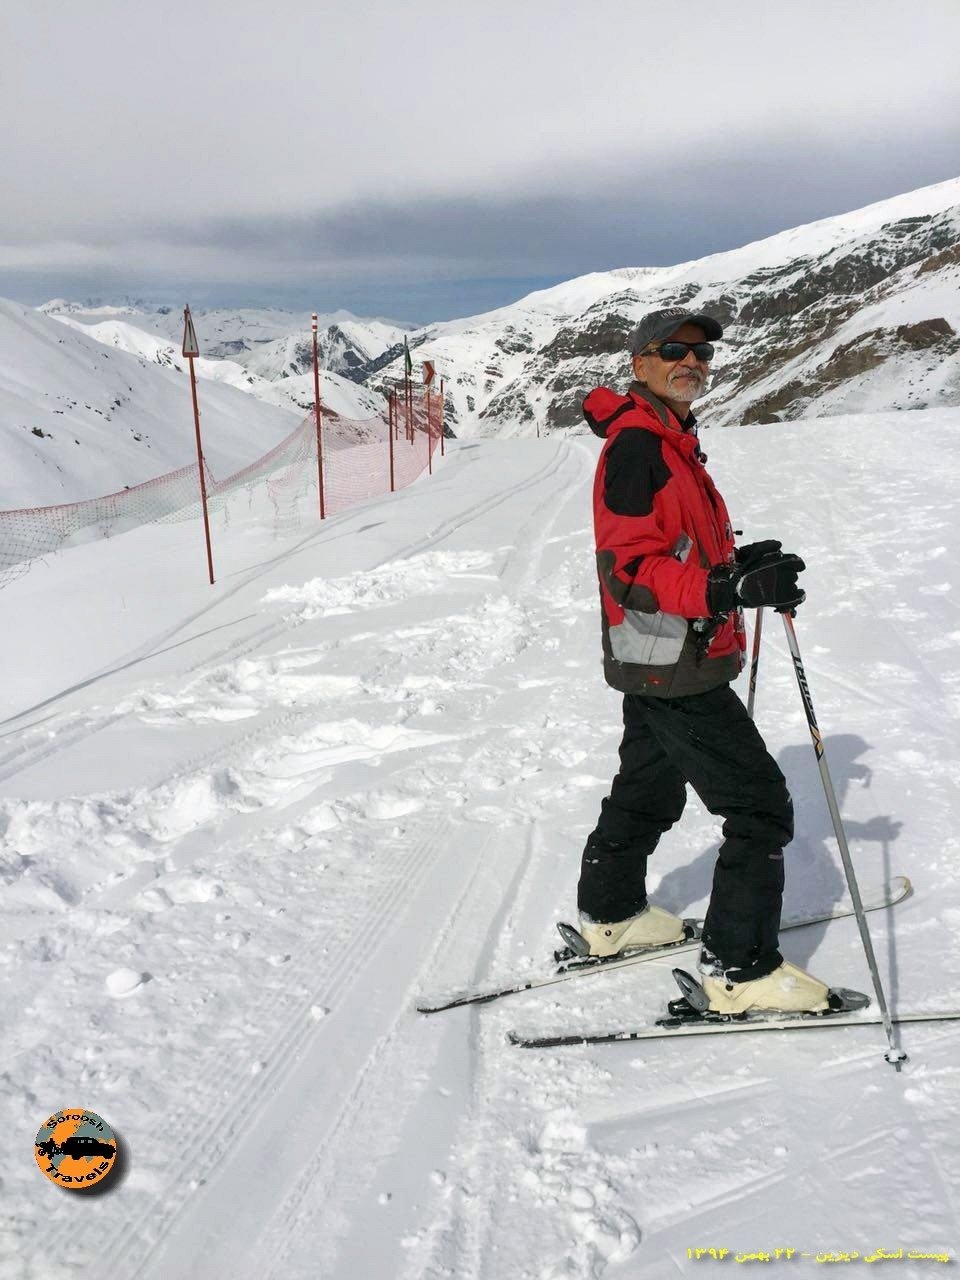 تمرین اسکی برای اولین بار - ۲۲ بهمن ۱۳۹۴